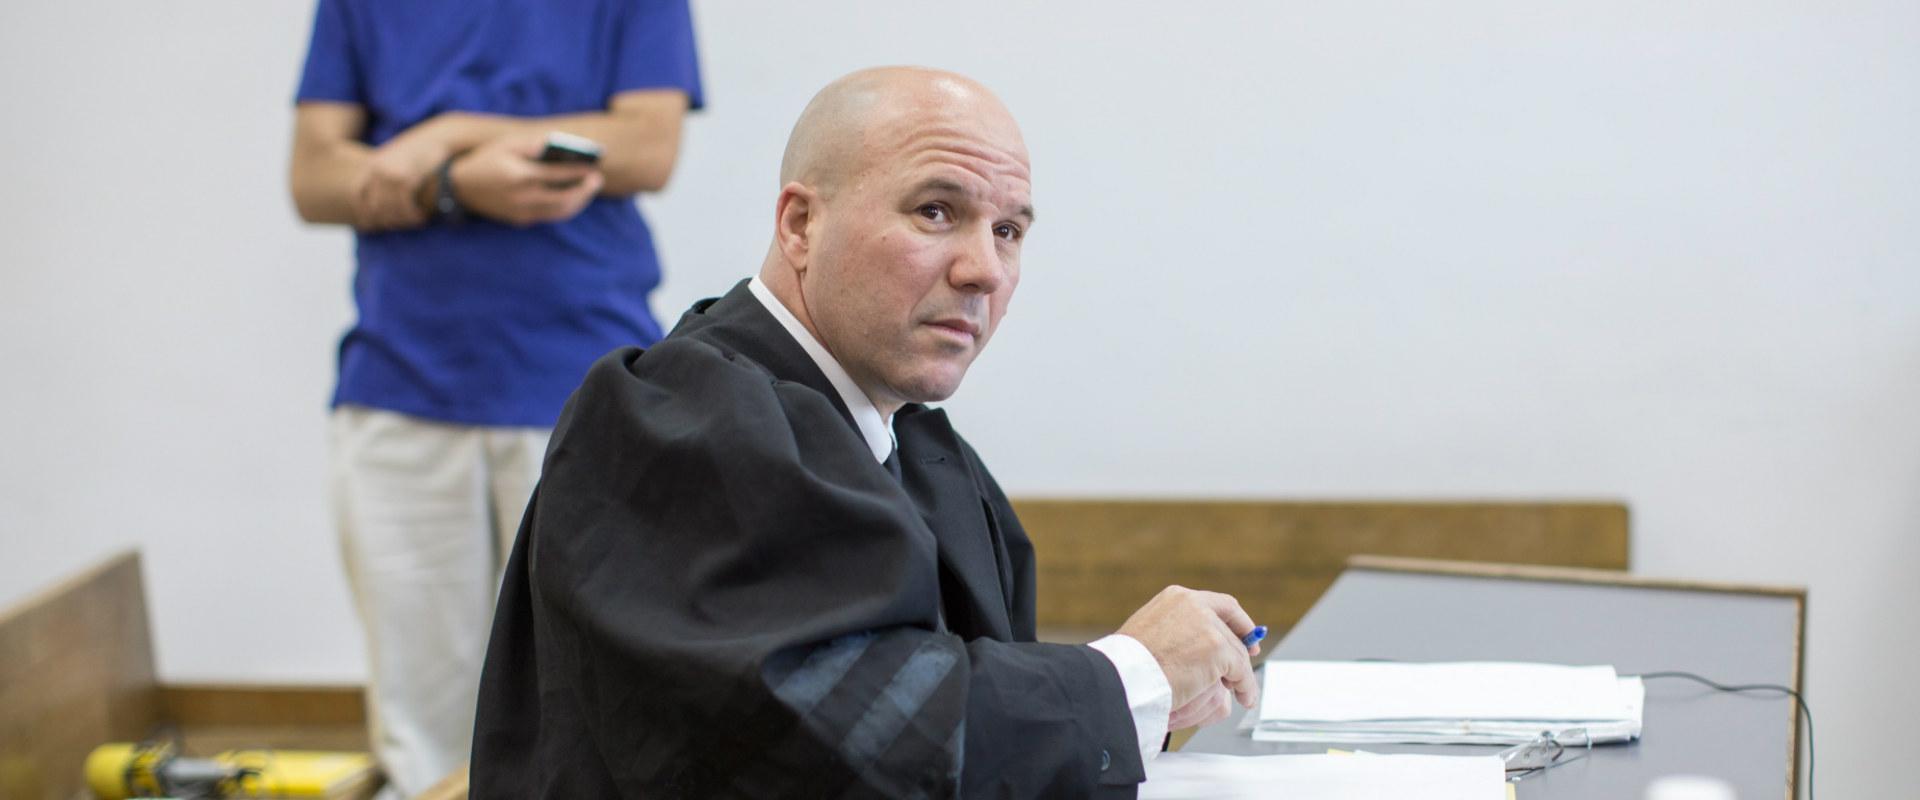 """עו""""ד אורי קורב במהלך משפטו של רה""""מ לשעבר אולמרט, מ"""